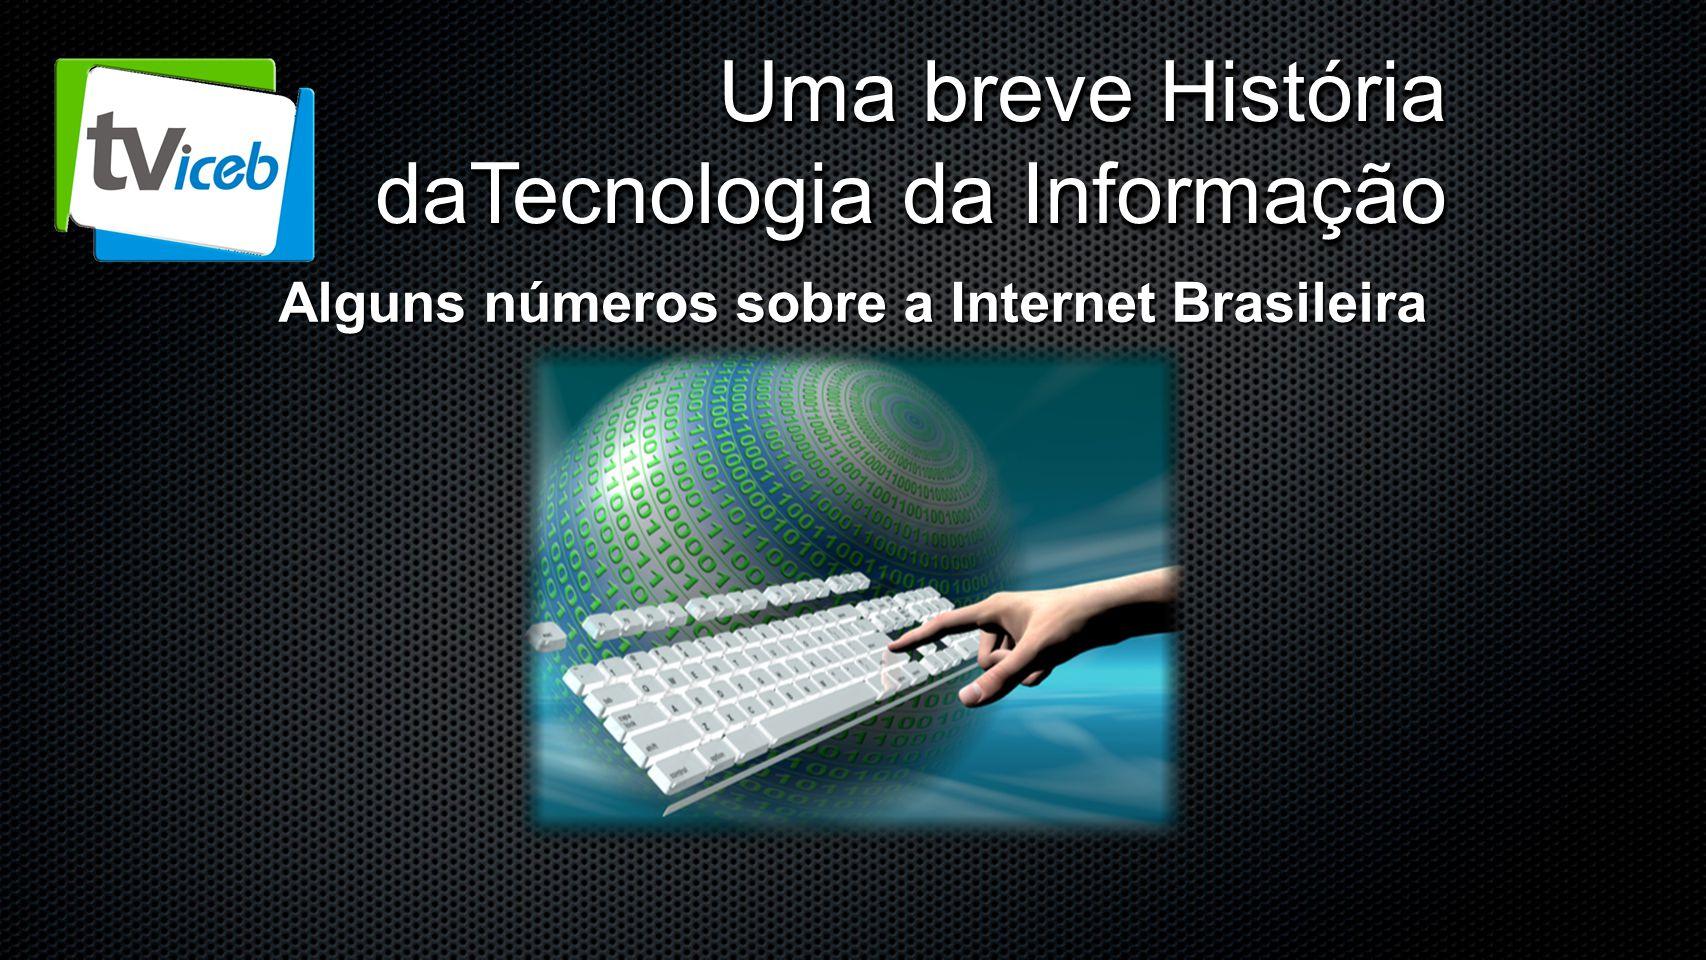 Alguns números sobre a Internet Brasileira